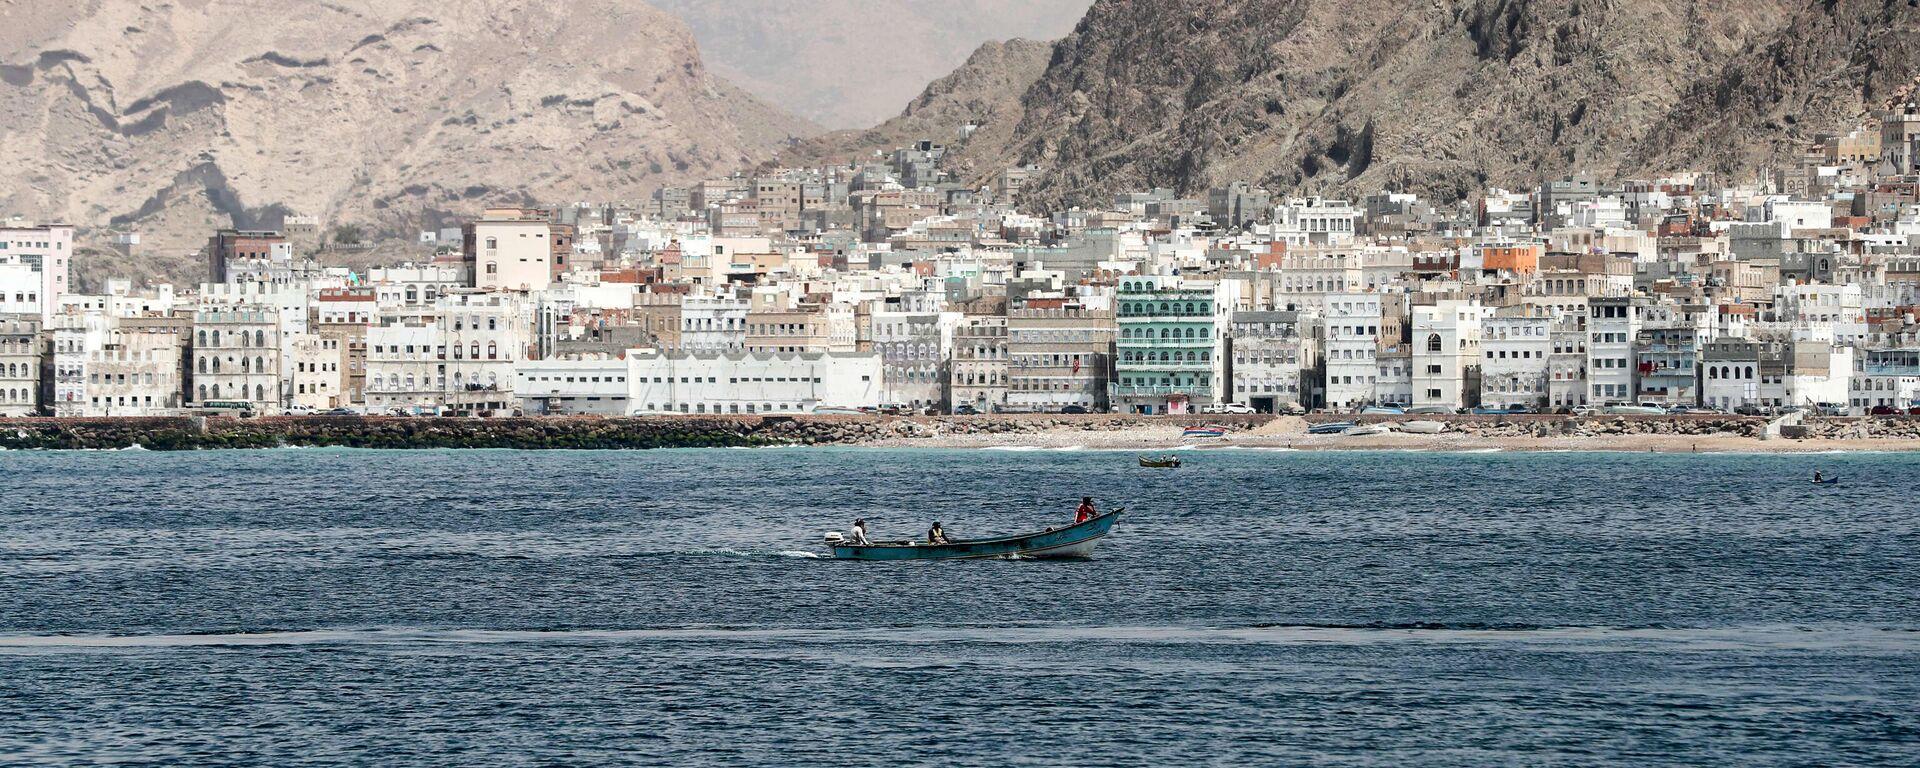 Al Mukalla (Yemen), ciudad en la que se encuentra retenido el navío 'Cobija' - Sputnik Mundo, 1920, 03.08.2021